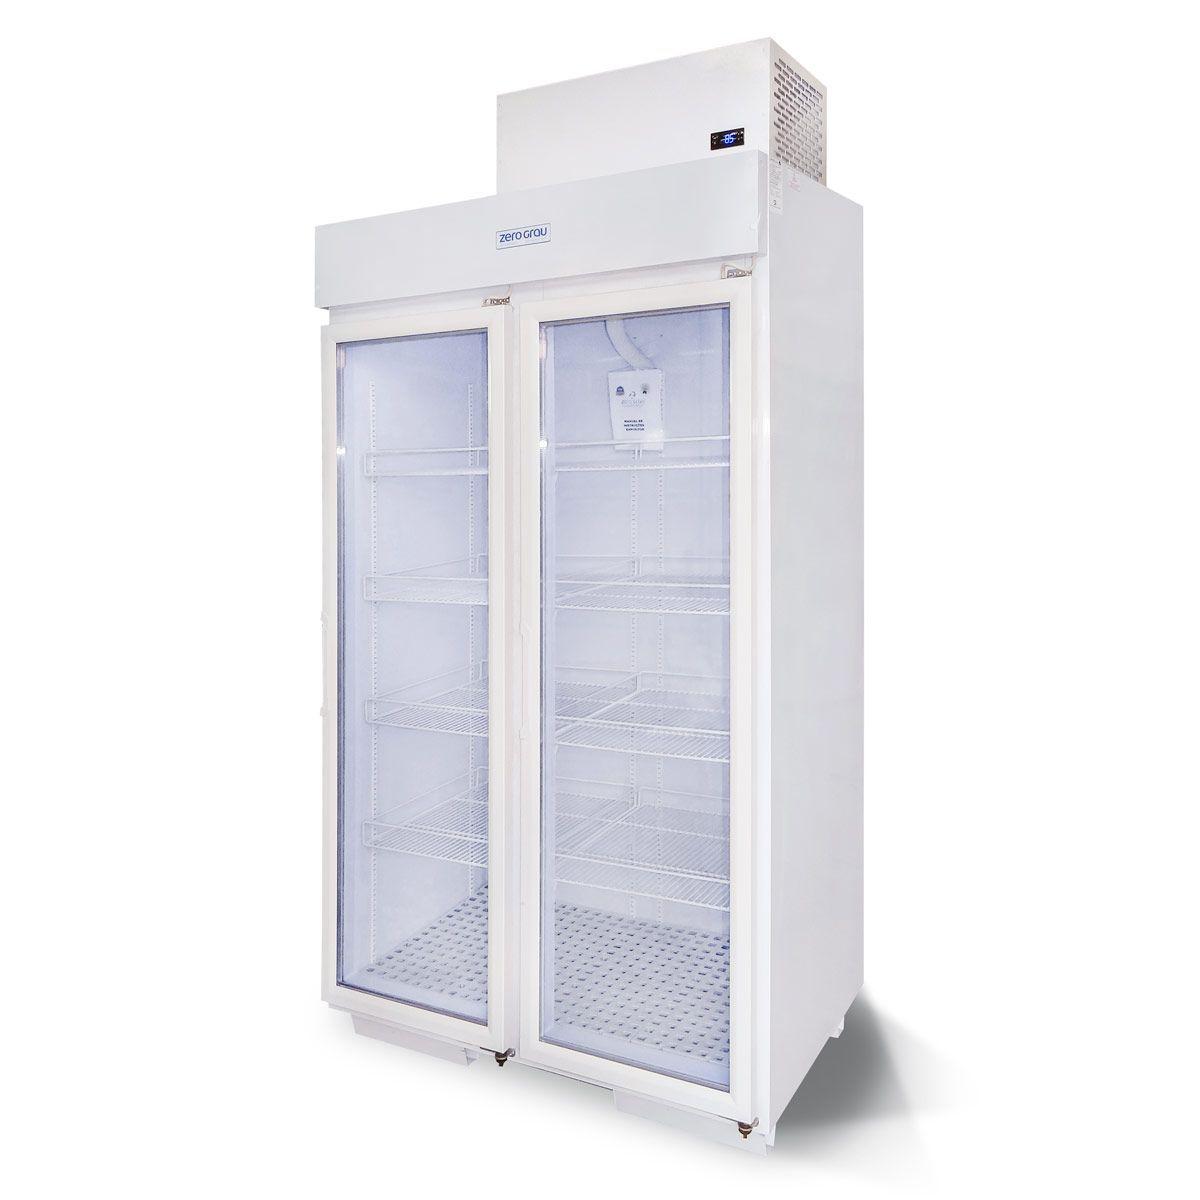 Expositor 1020 Litros 2 Portas para Congelados Até -18 Graus